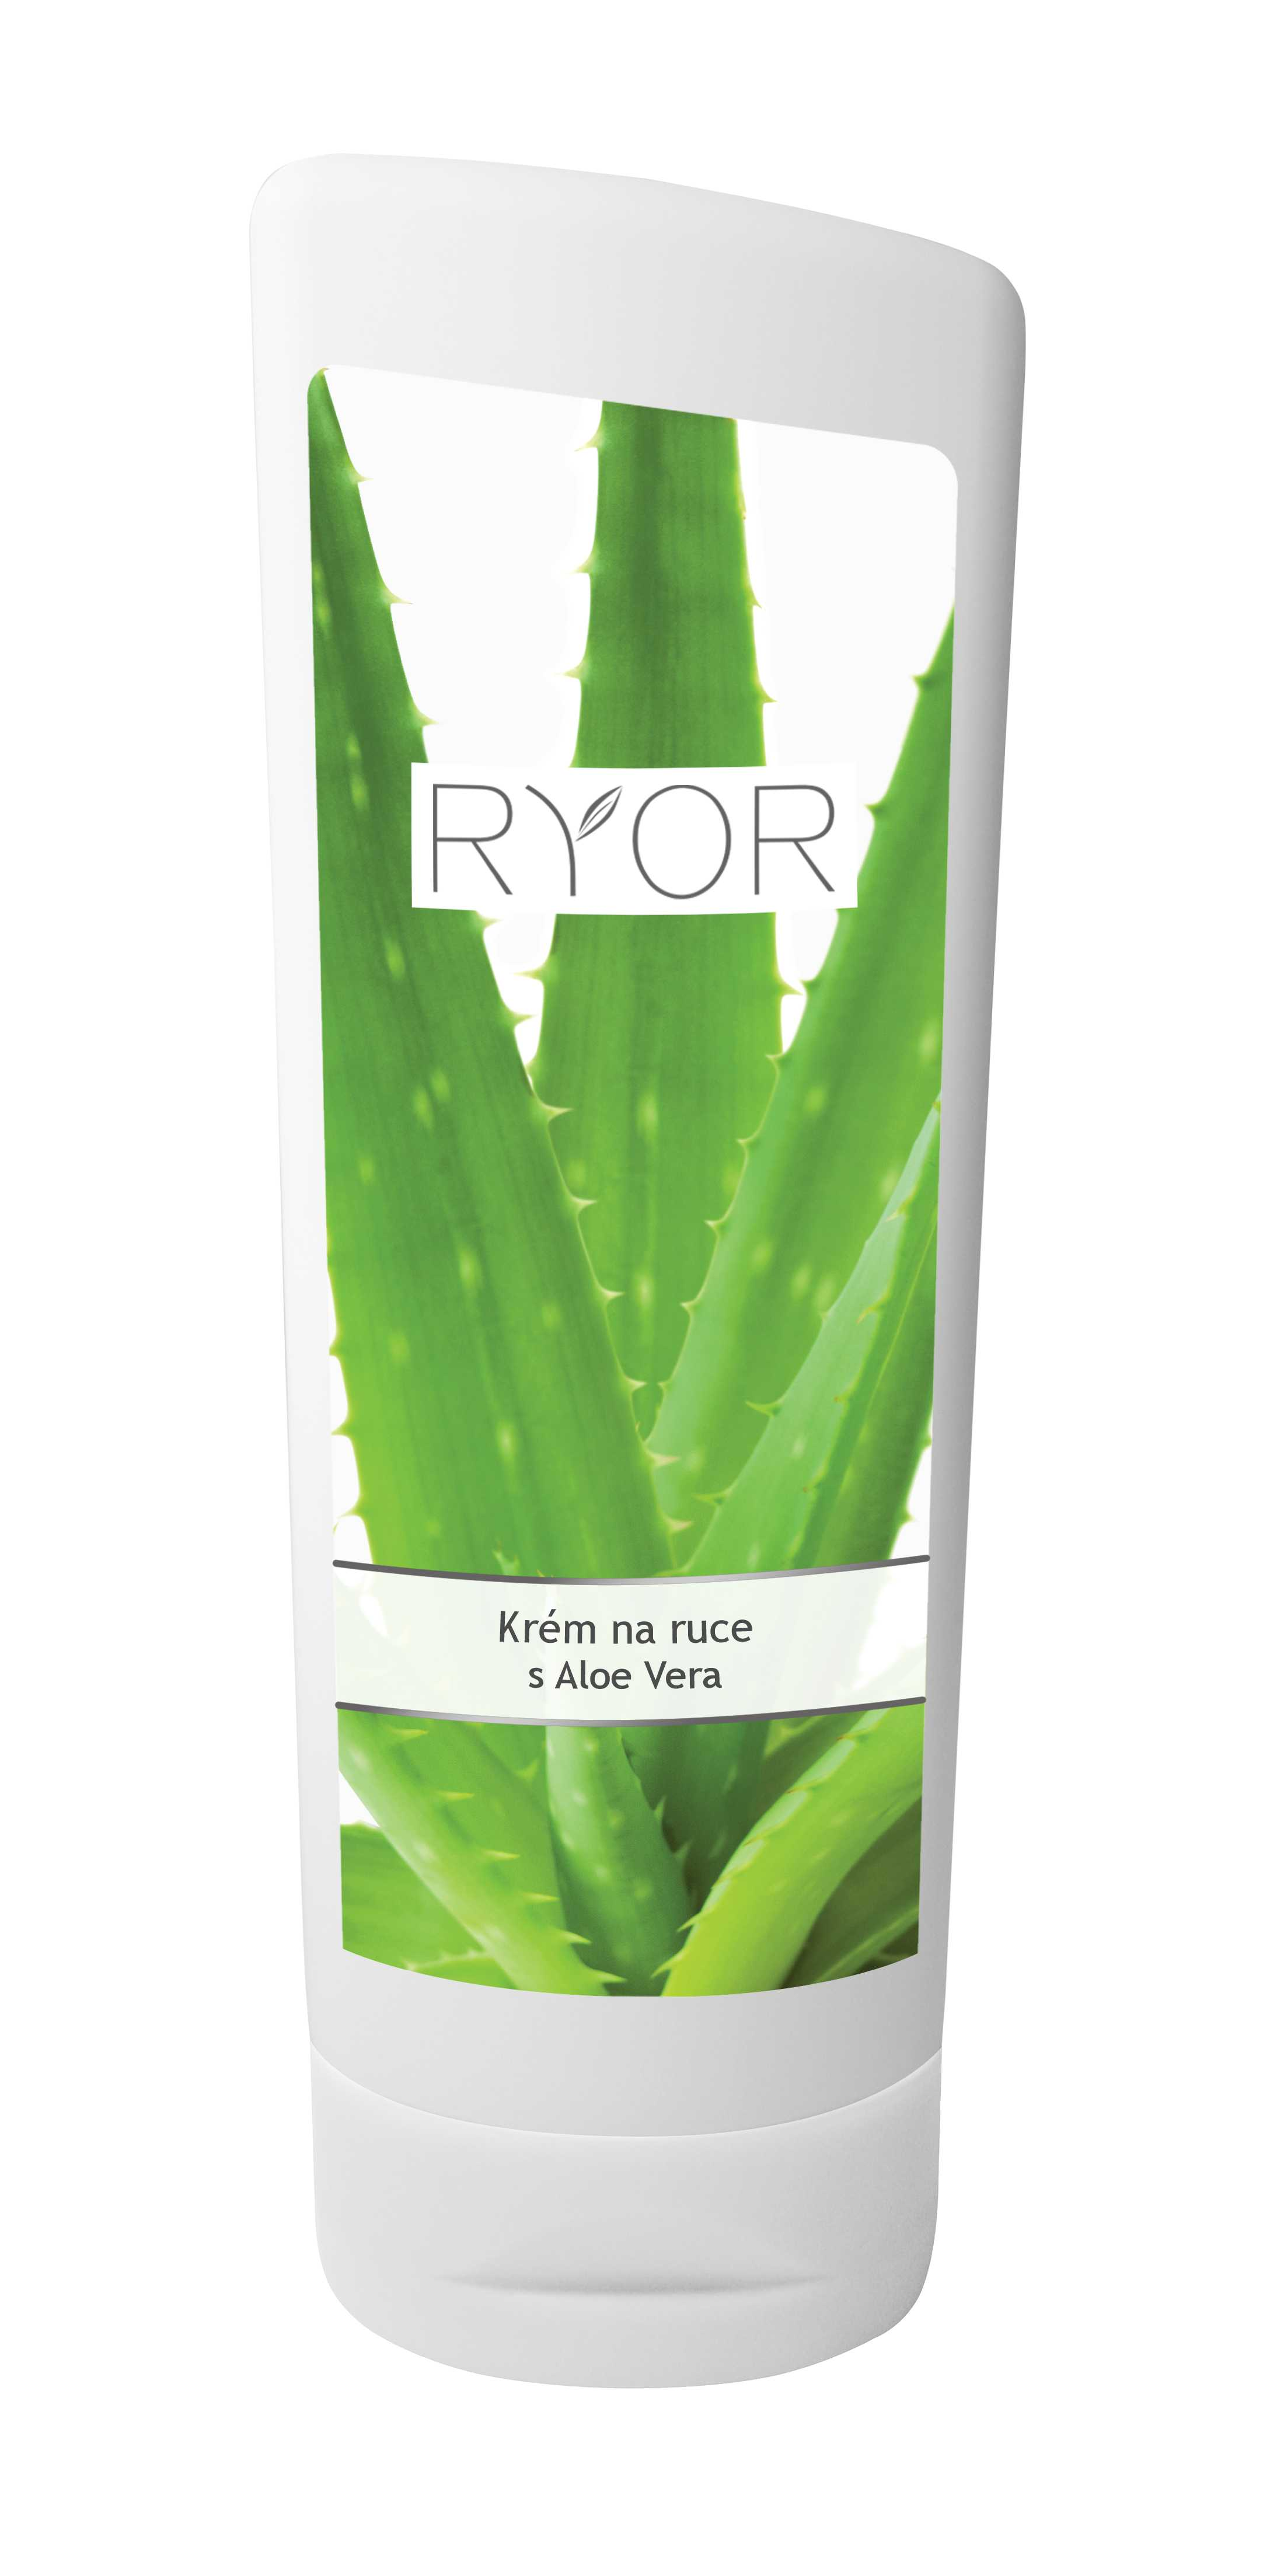 Ryor Krém na ruce s Aloe vera 200 ml